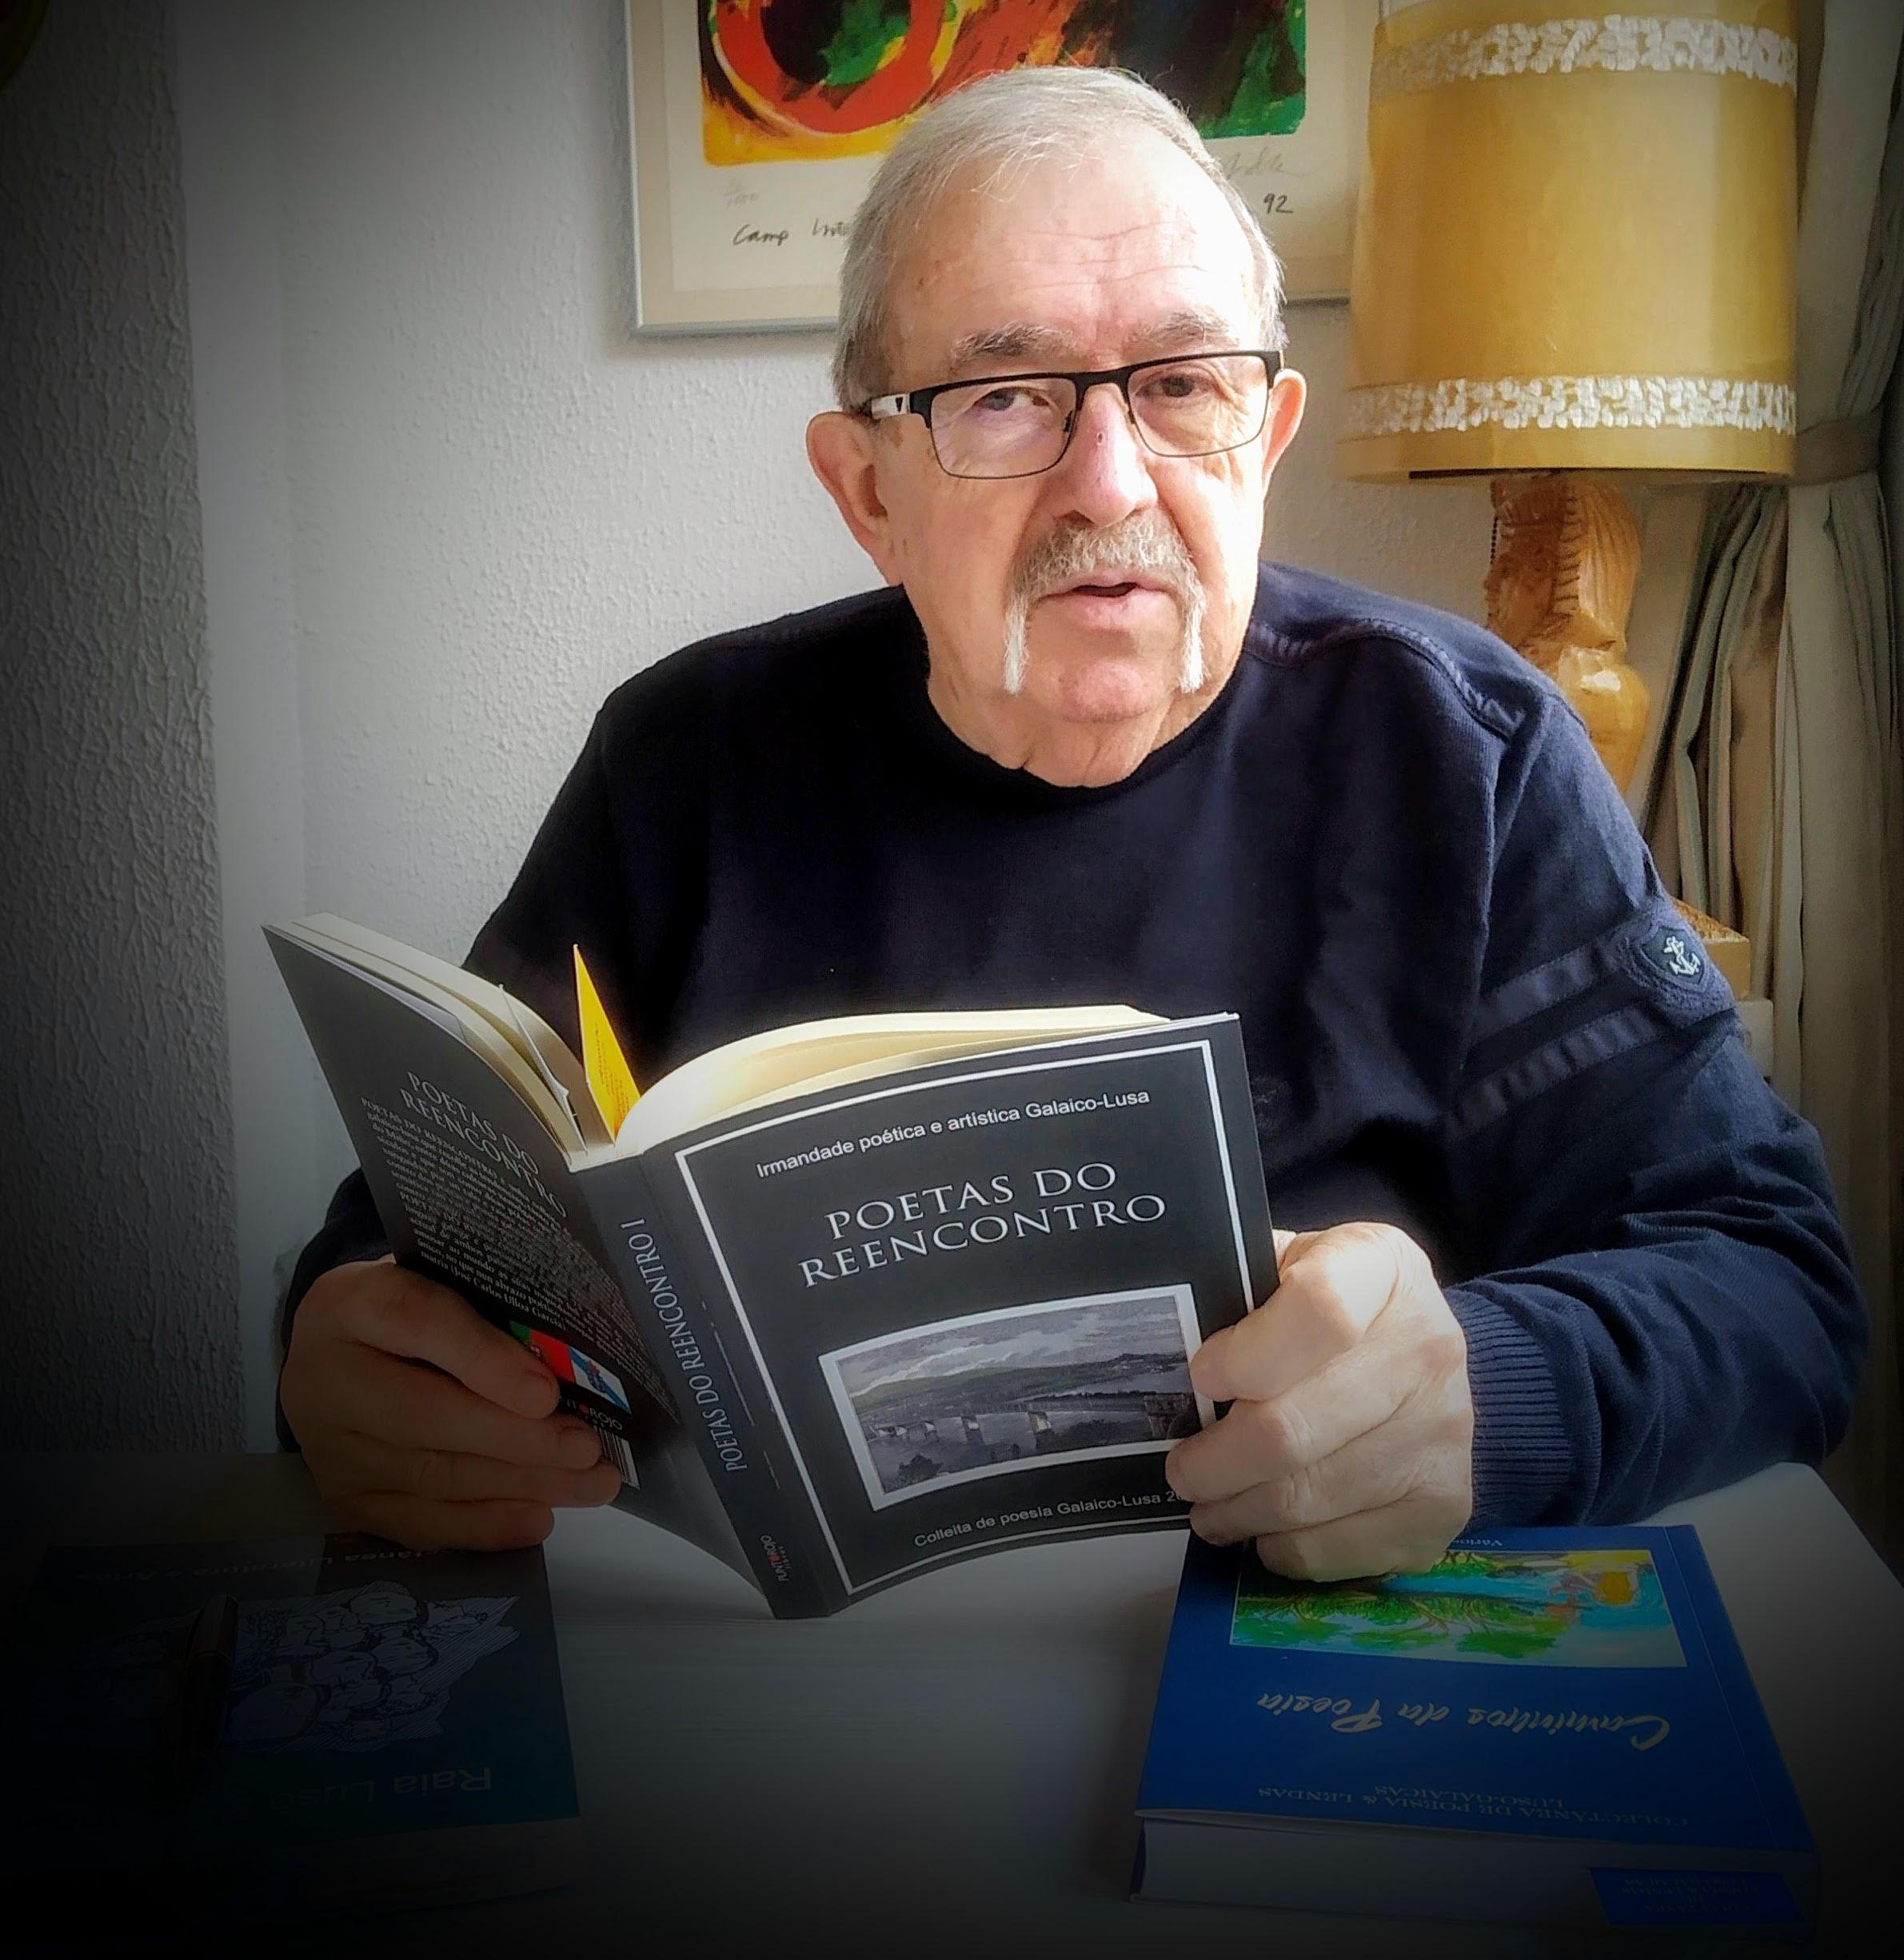 Antonio Lois Pérez